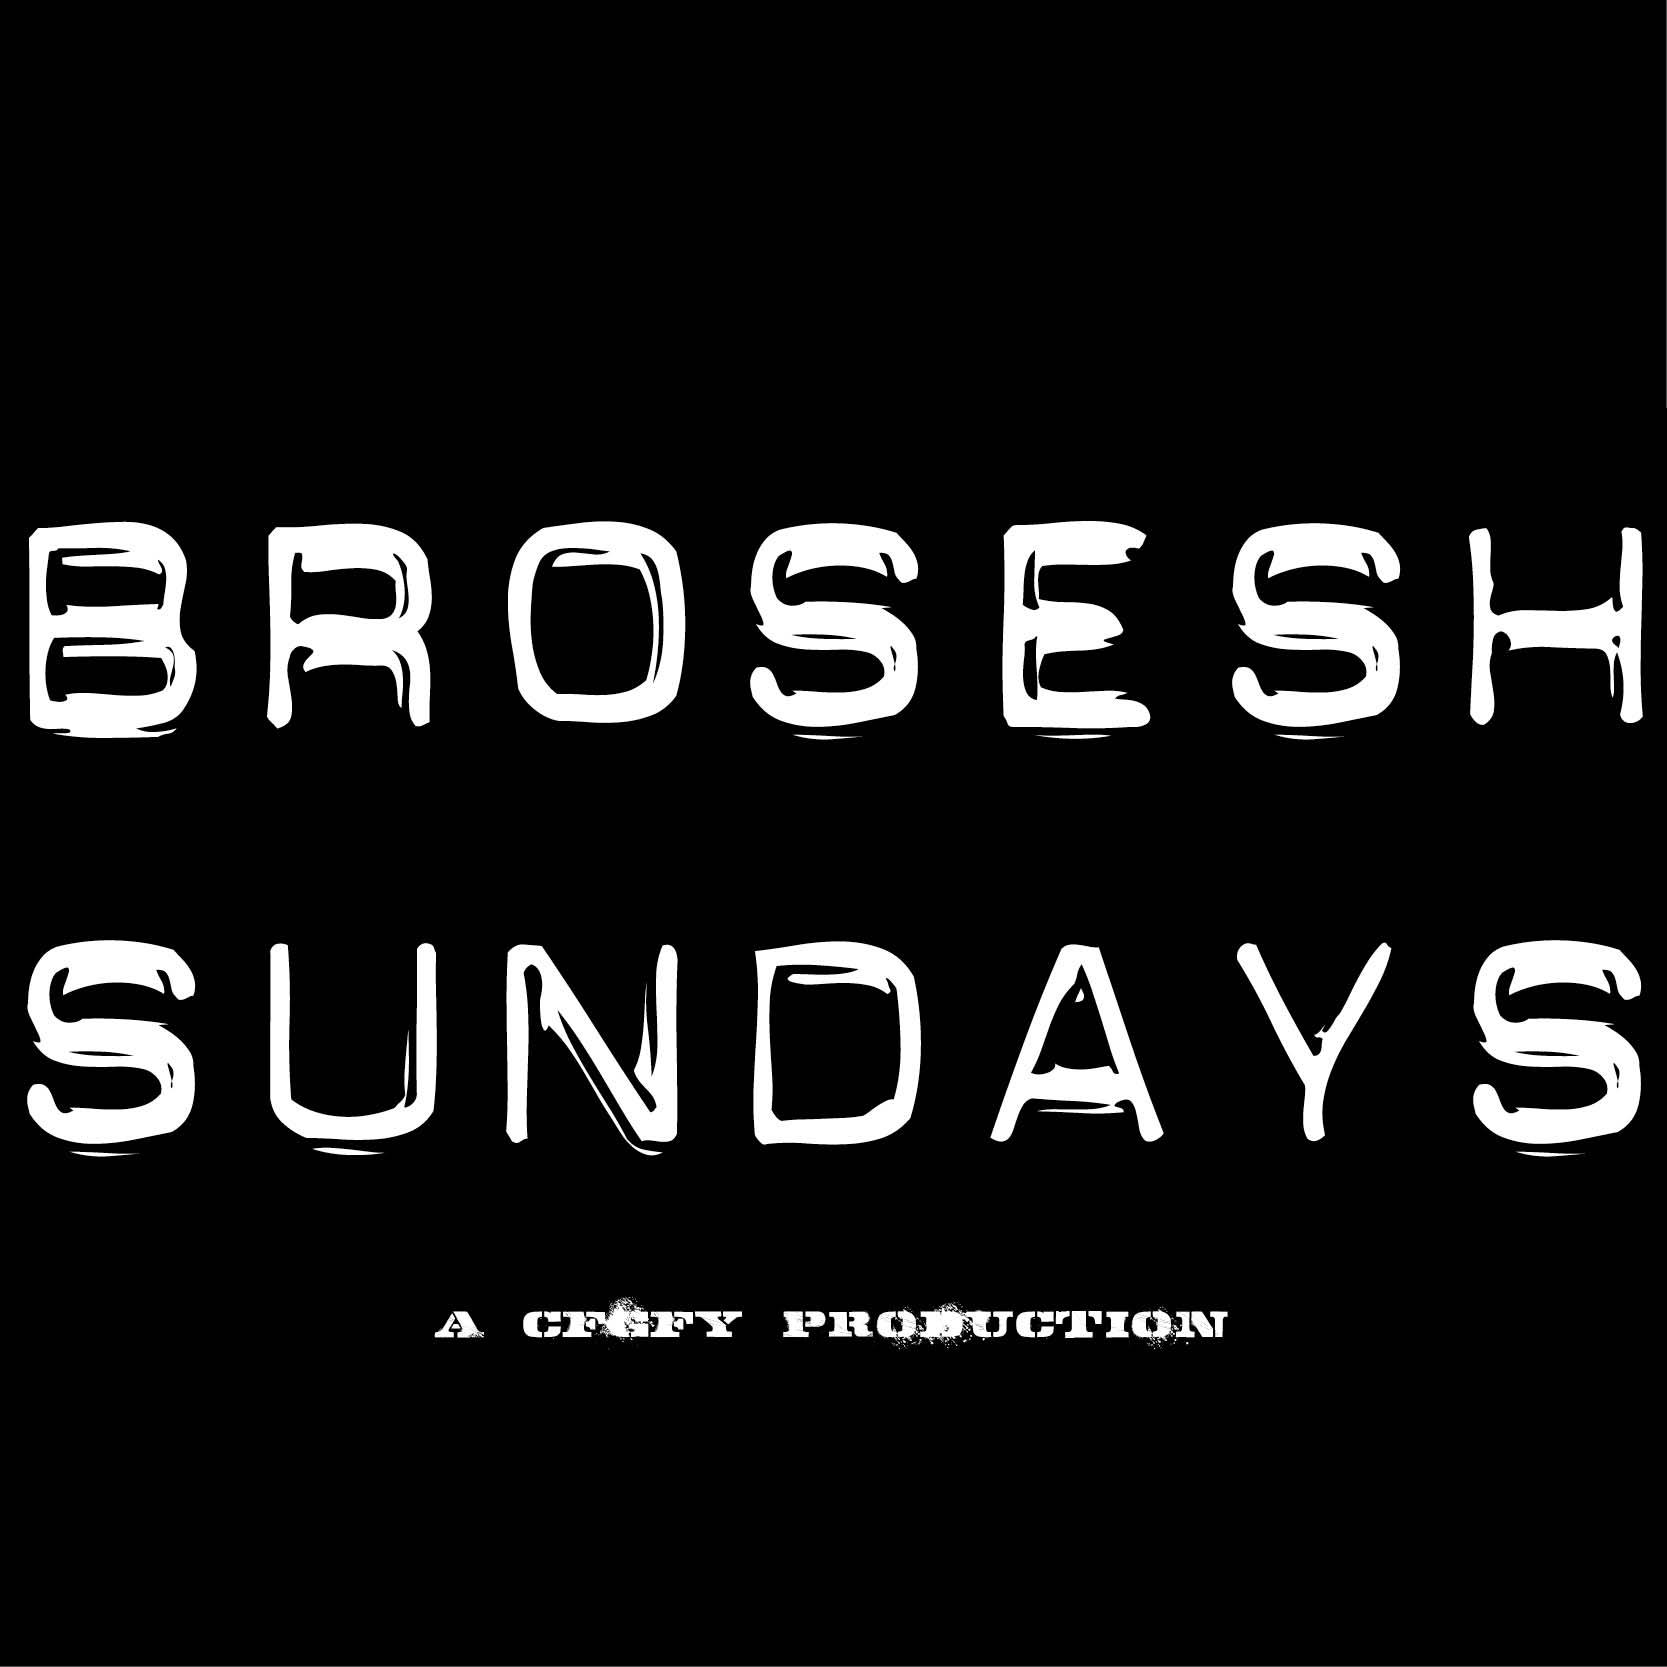 brosesh1864.jpg